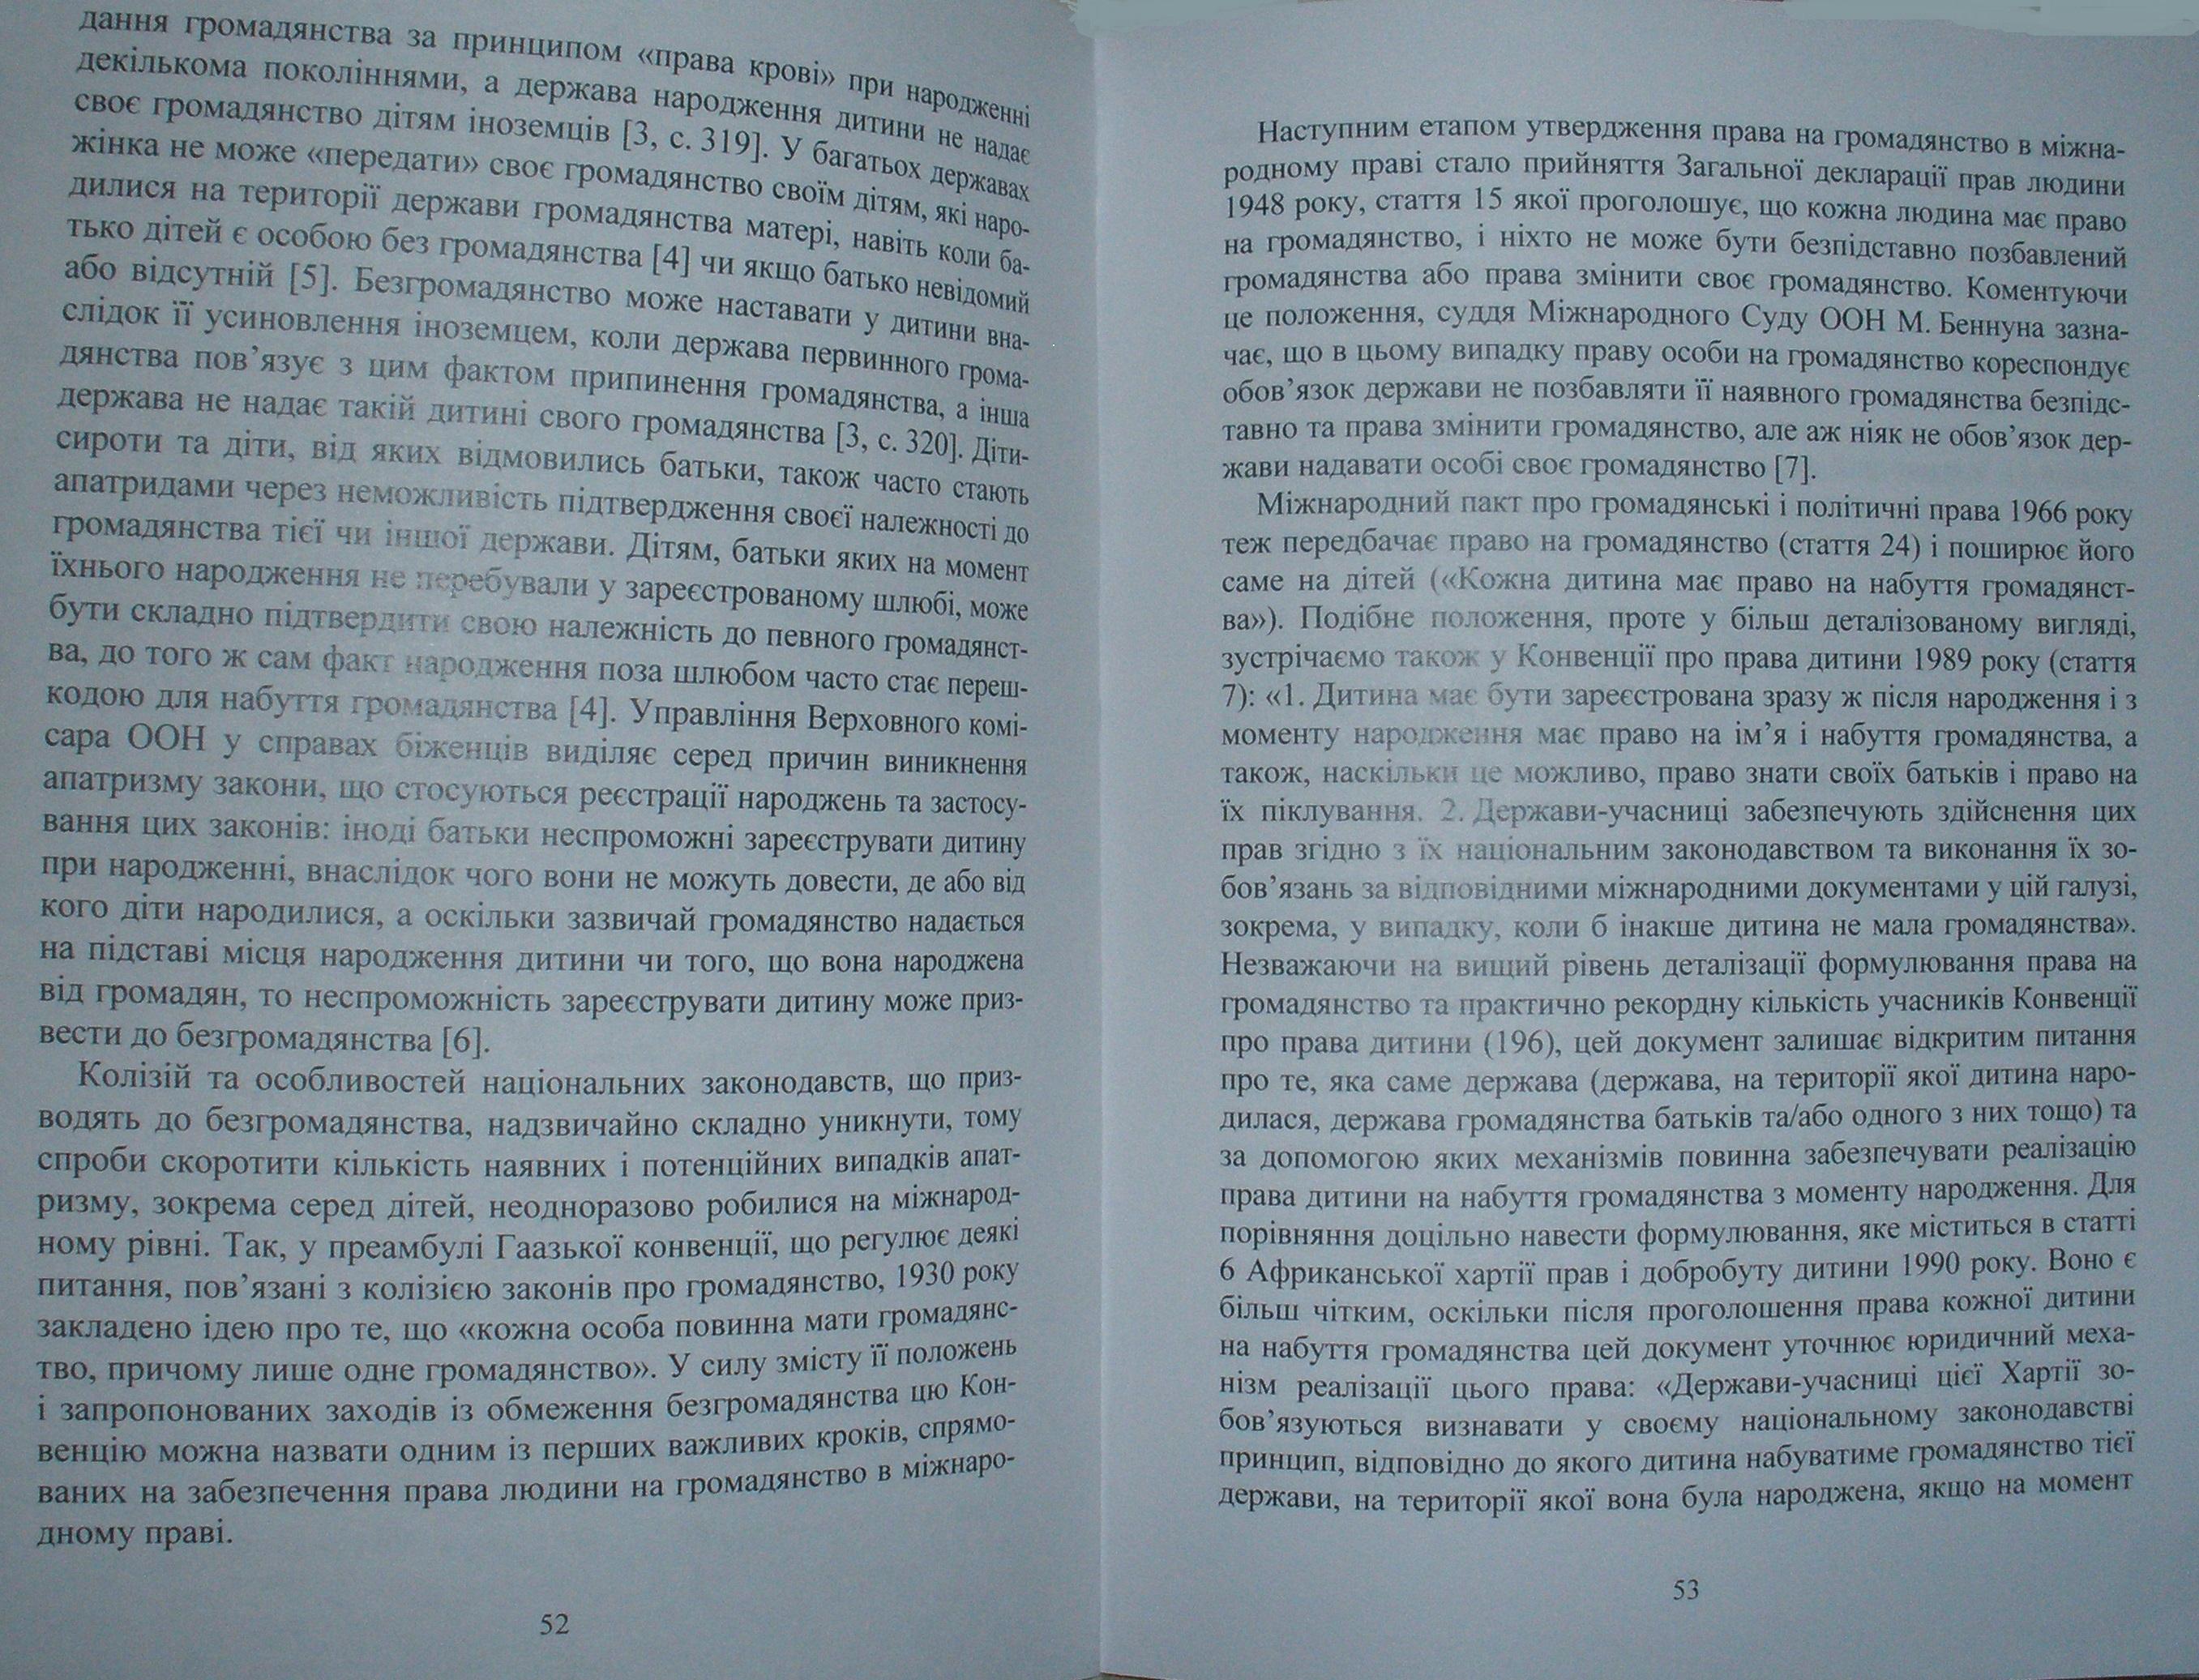 большее гаазька конвенція про громадянство 1930 р гемейрам Продажа